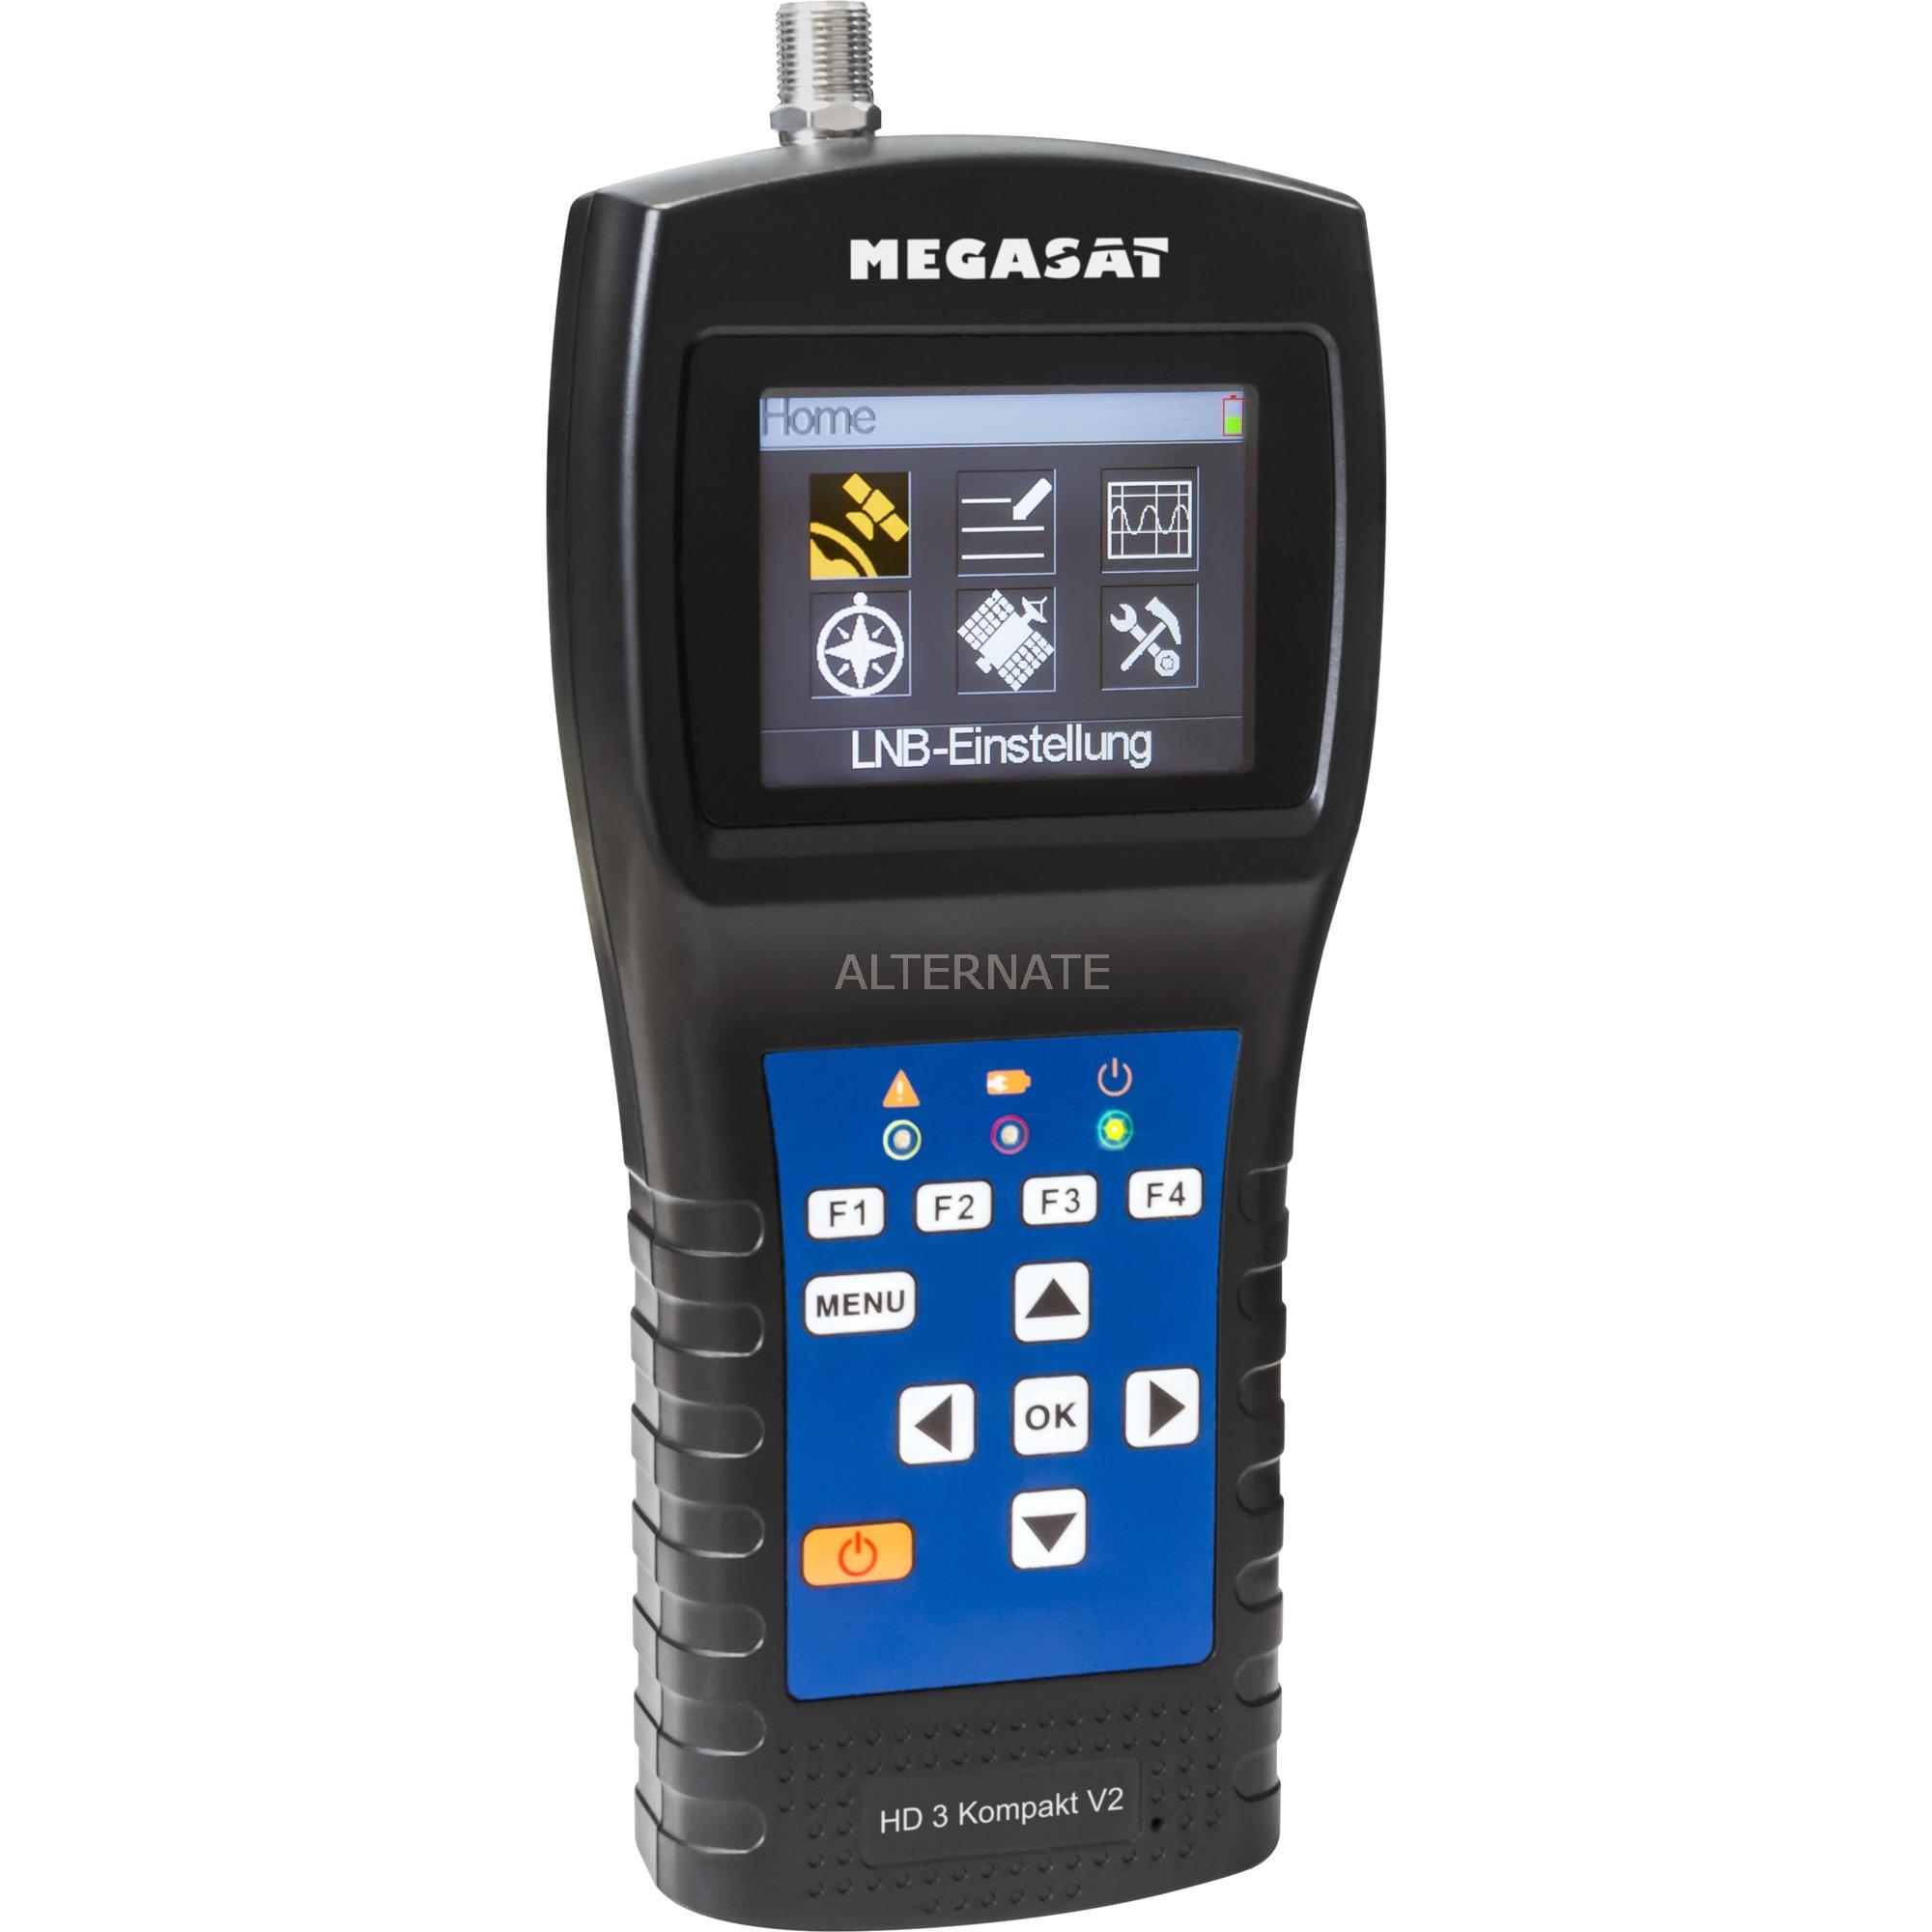 HD3 Kompakt V2, Instrumento de medición